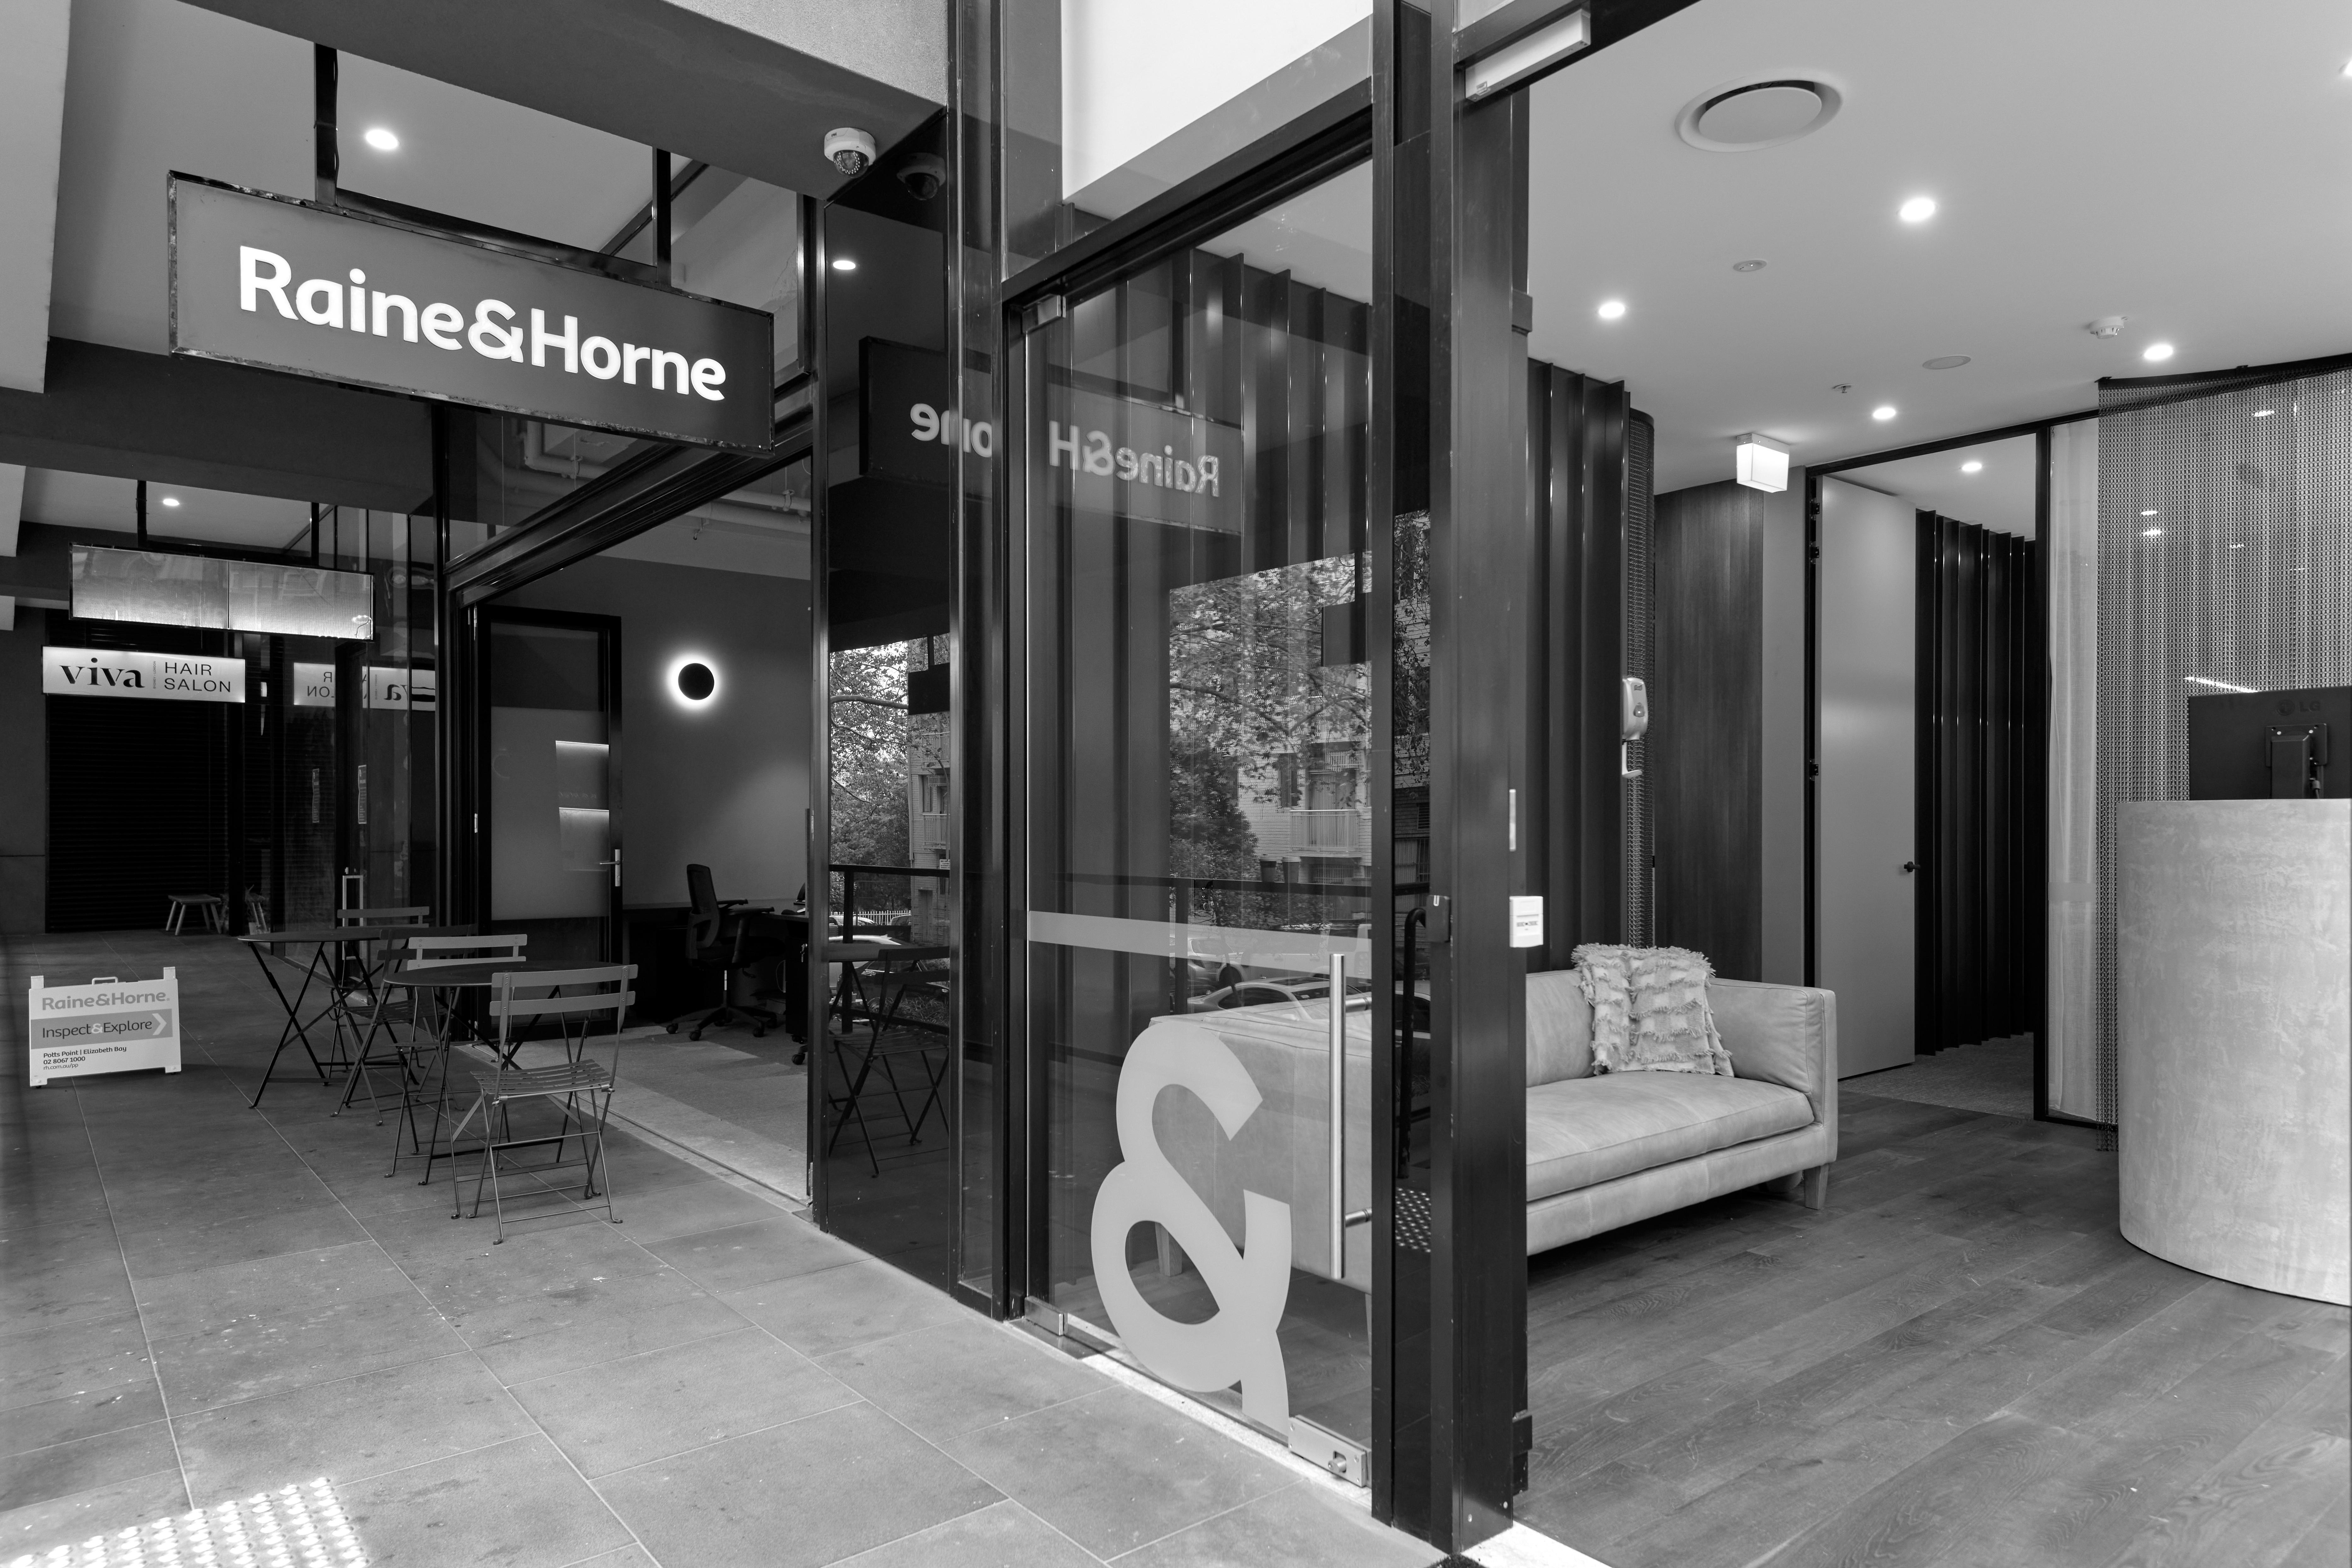 Raine & Horne Potts Point Real Estate Agency